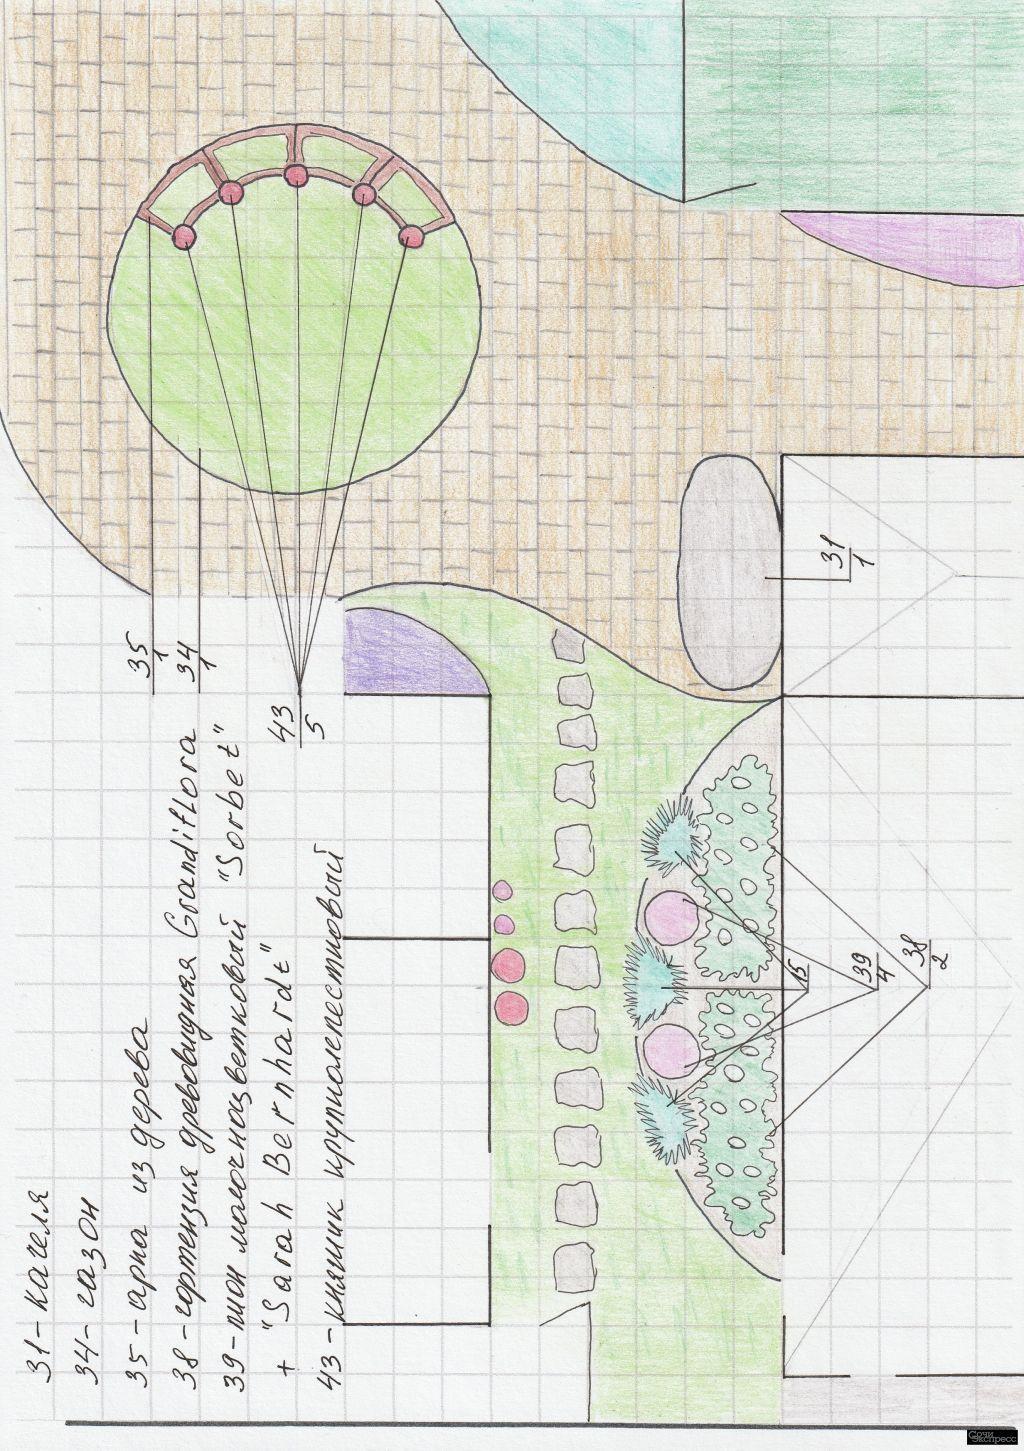 ландшафтный дизайн от проекта до реализации